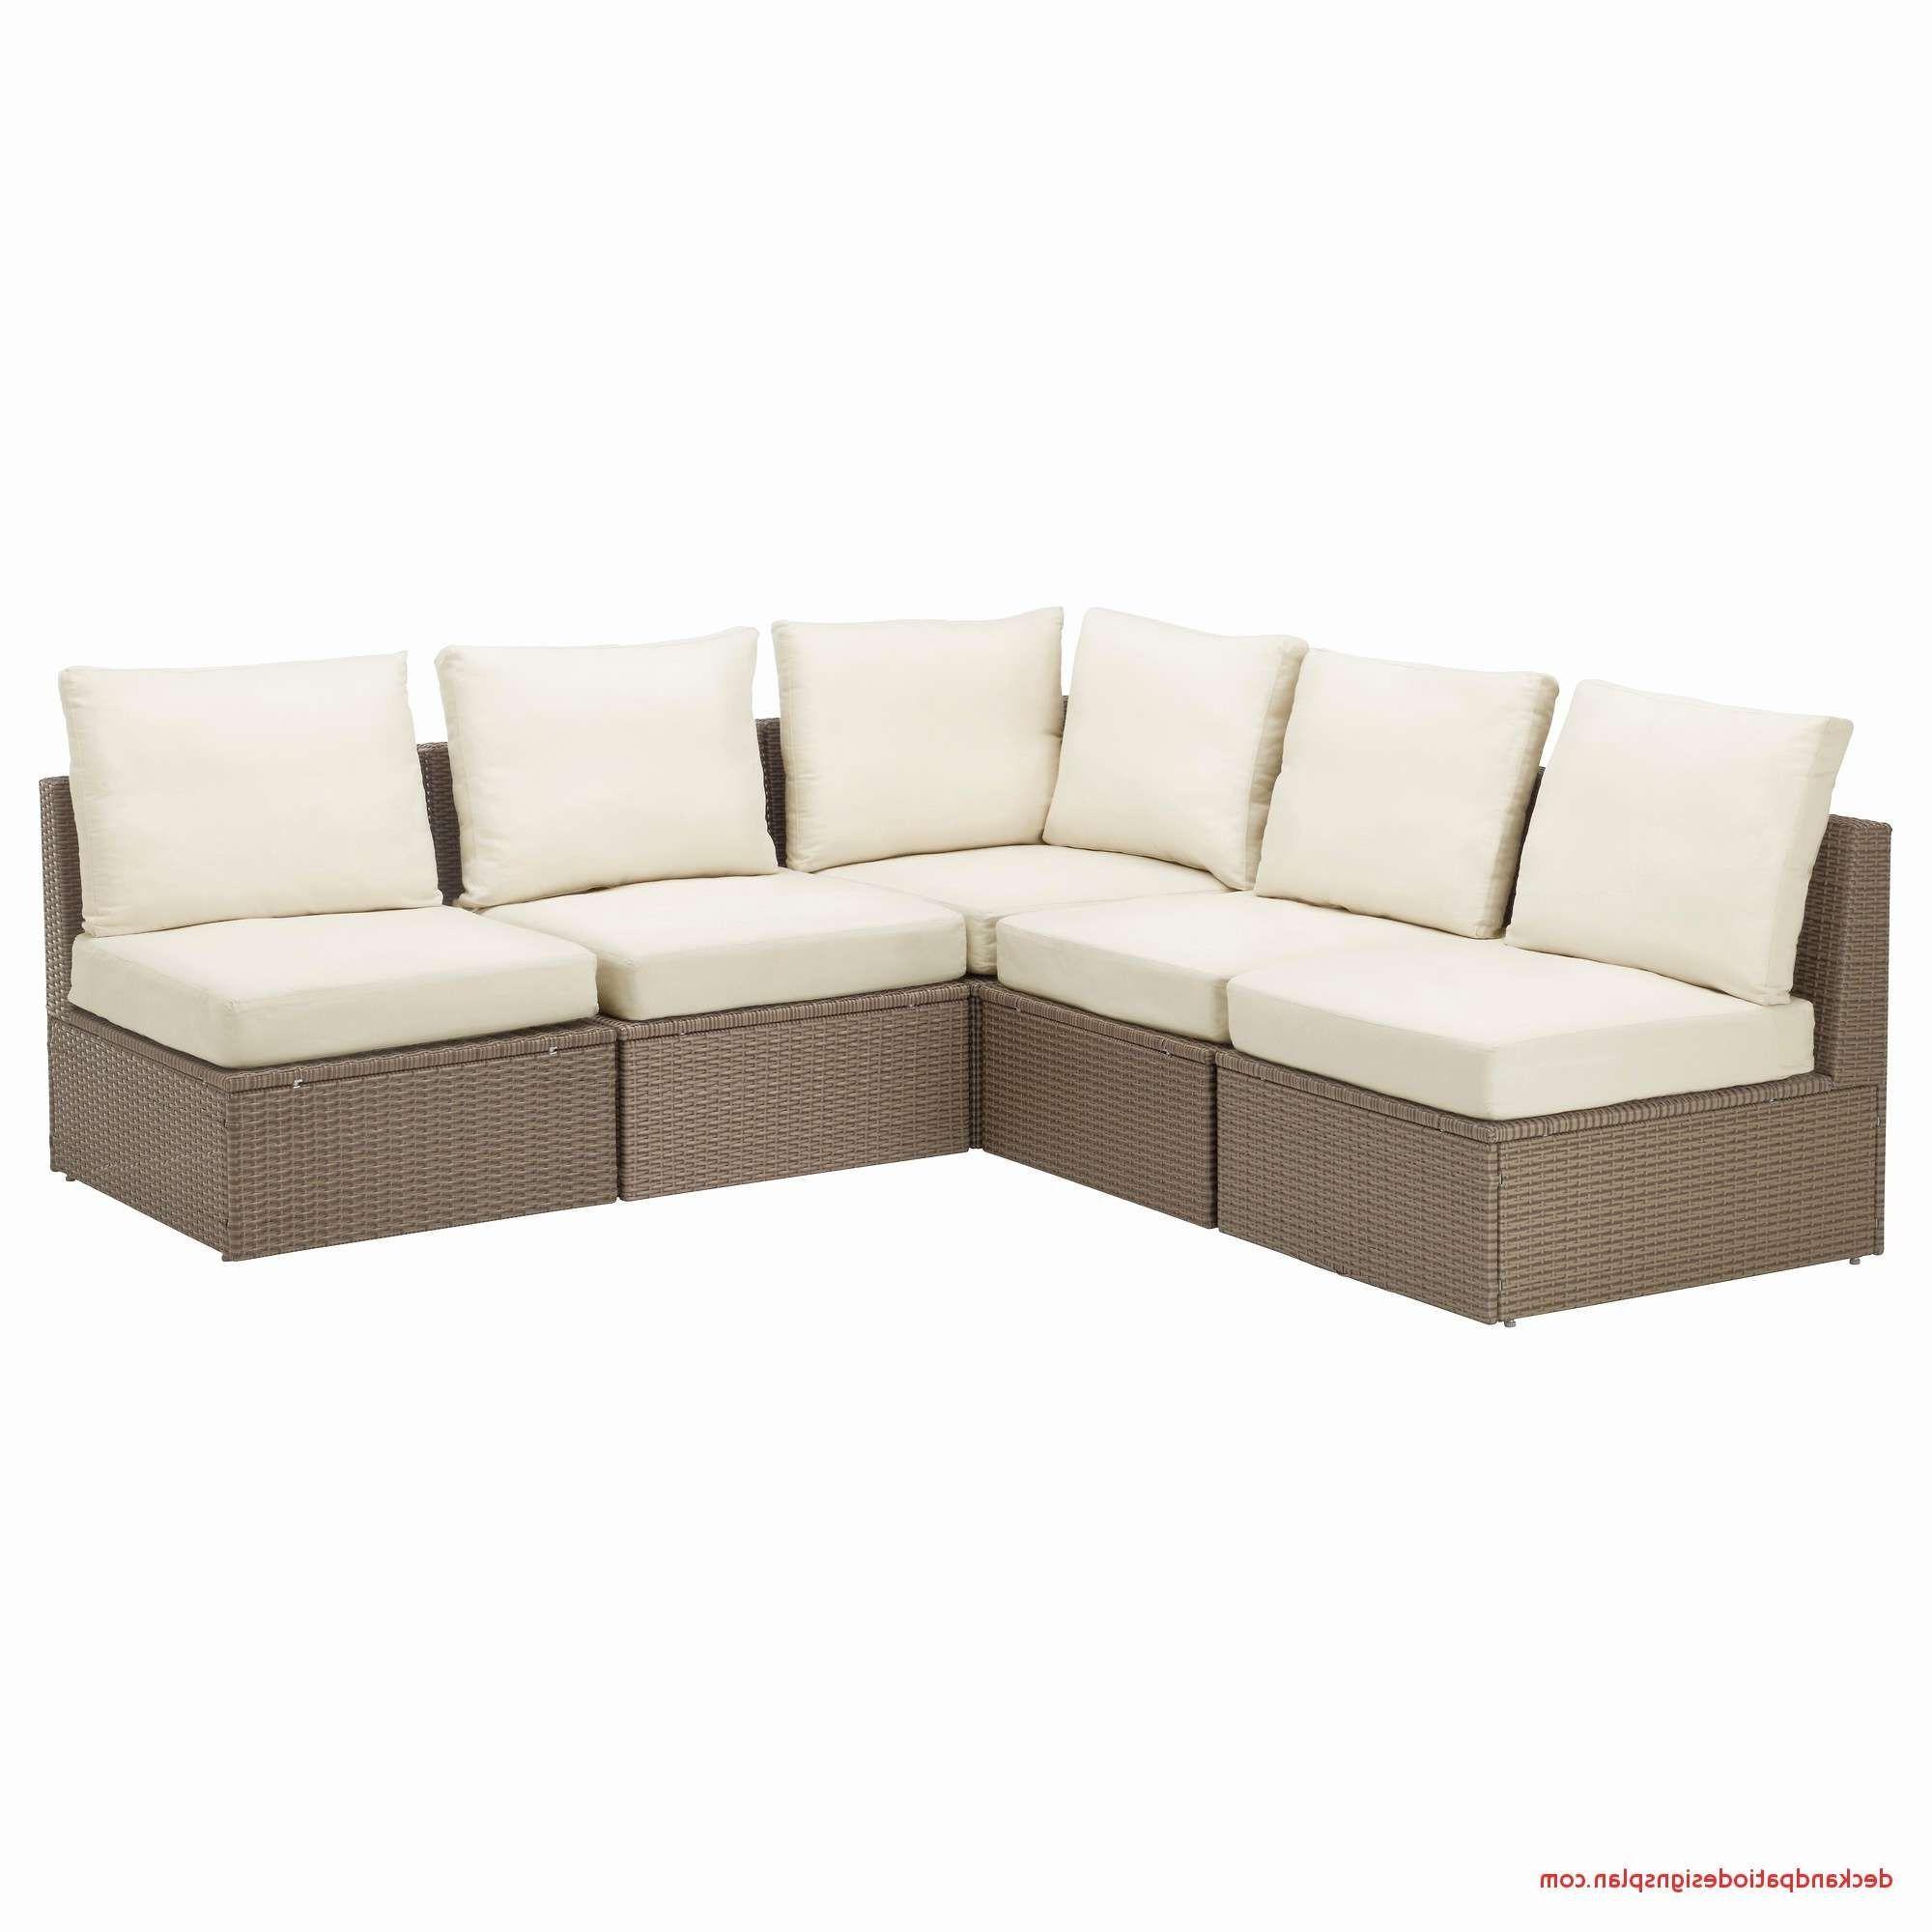 Sofas Modulares Conforama Nkde Conforama MÃ Bel sofa Adorable Canape Angle Gris Avec Canape D